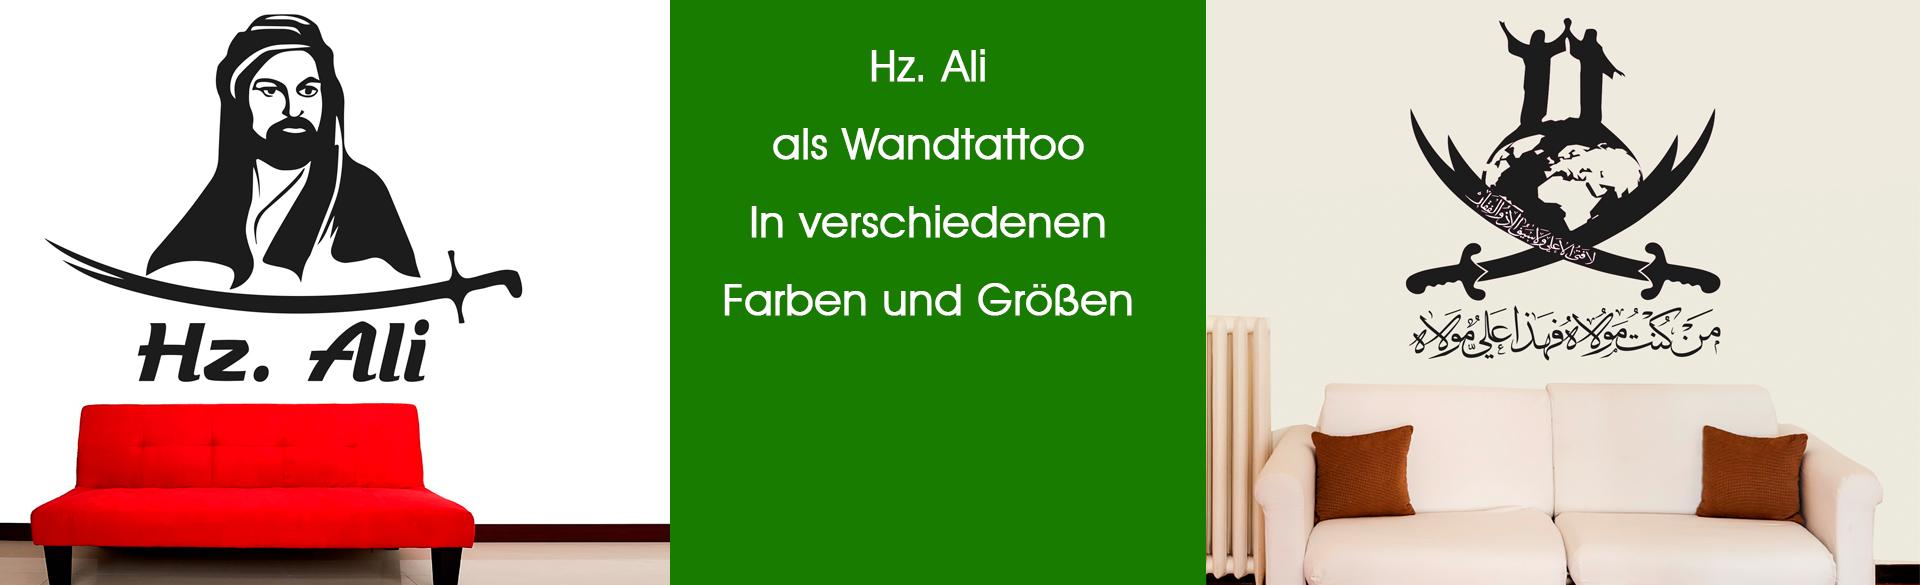 Imam-Ali-Wandtattoo-Startseite-Banner-1